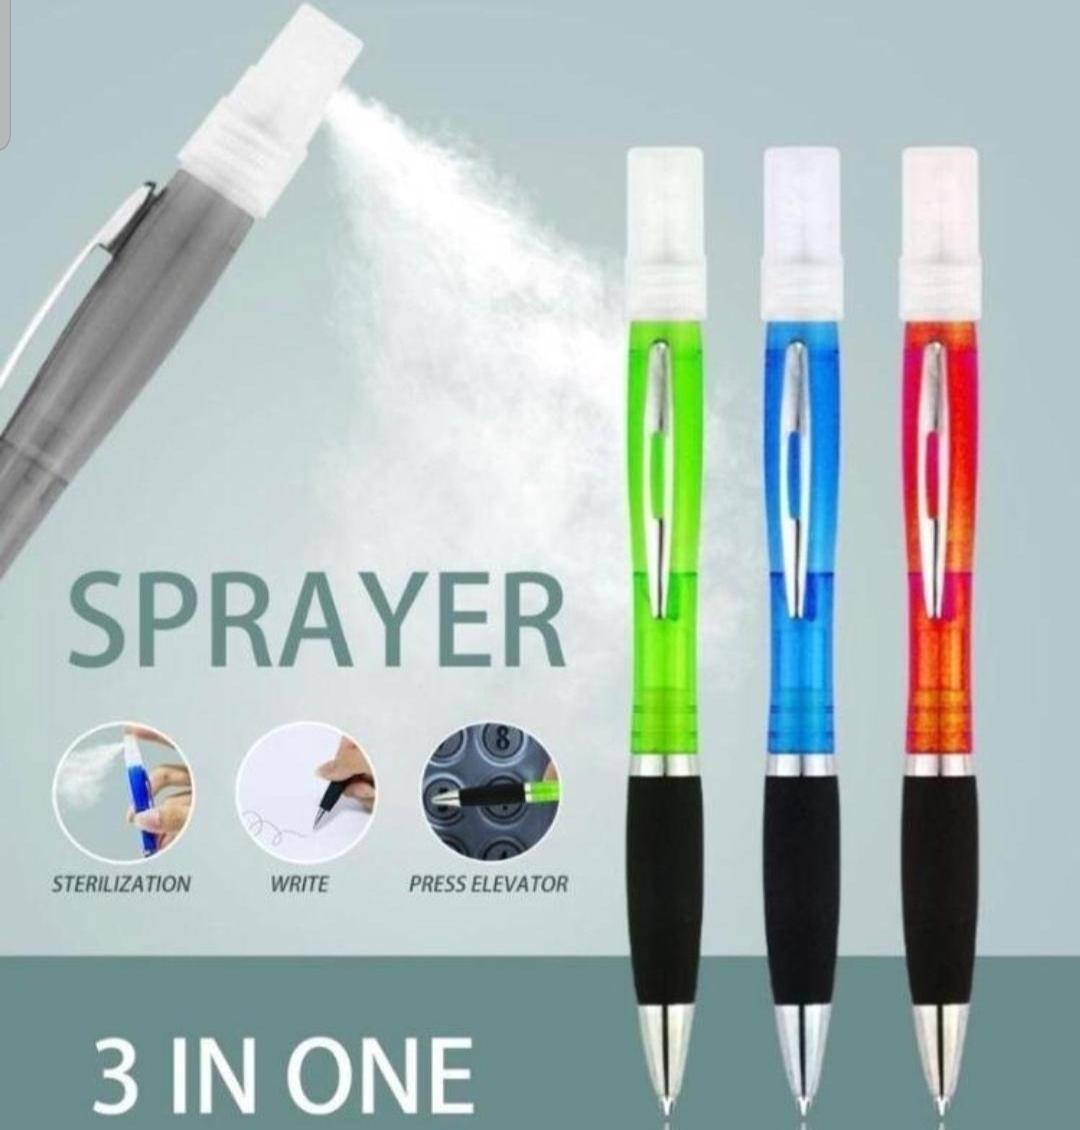 Sprayer 3 in One